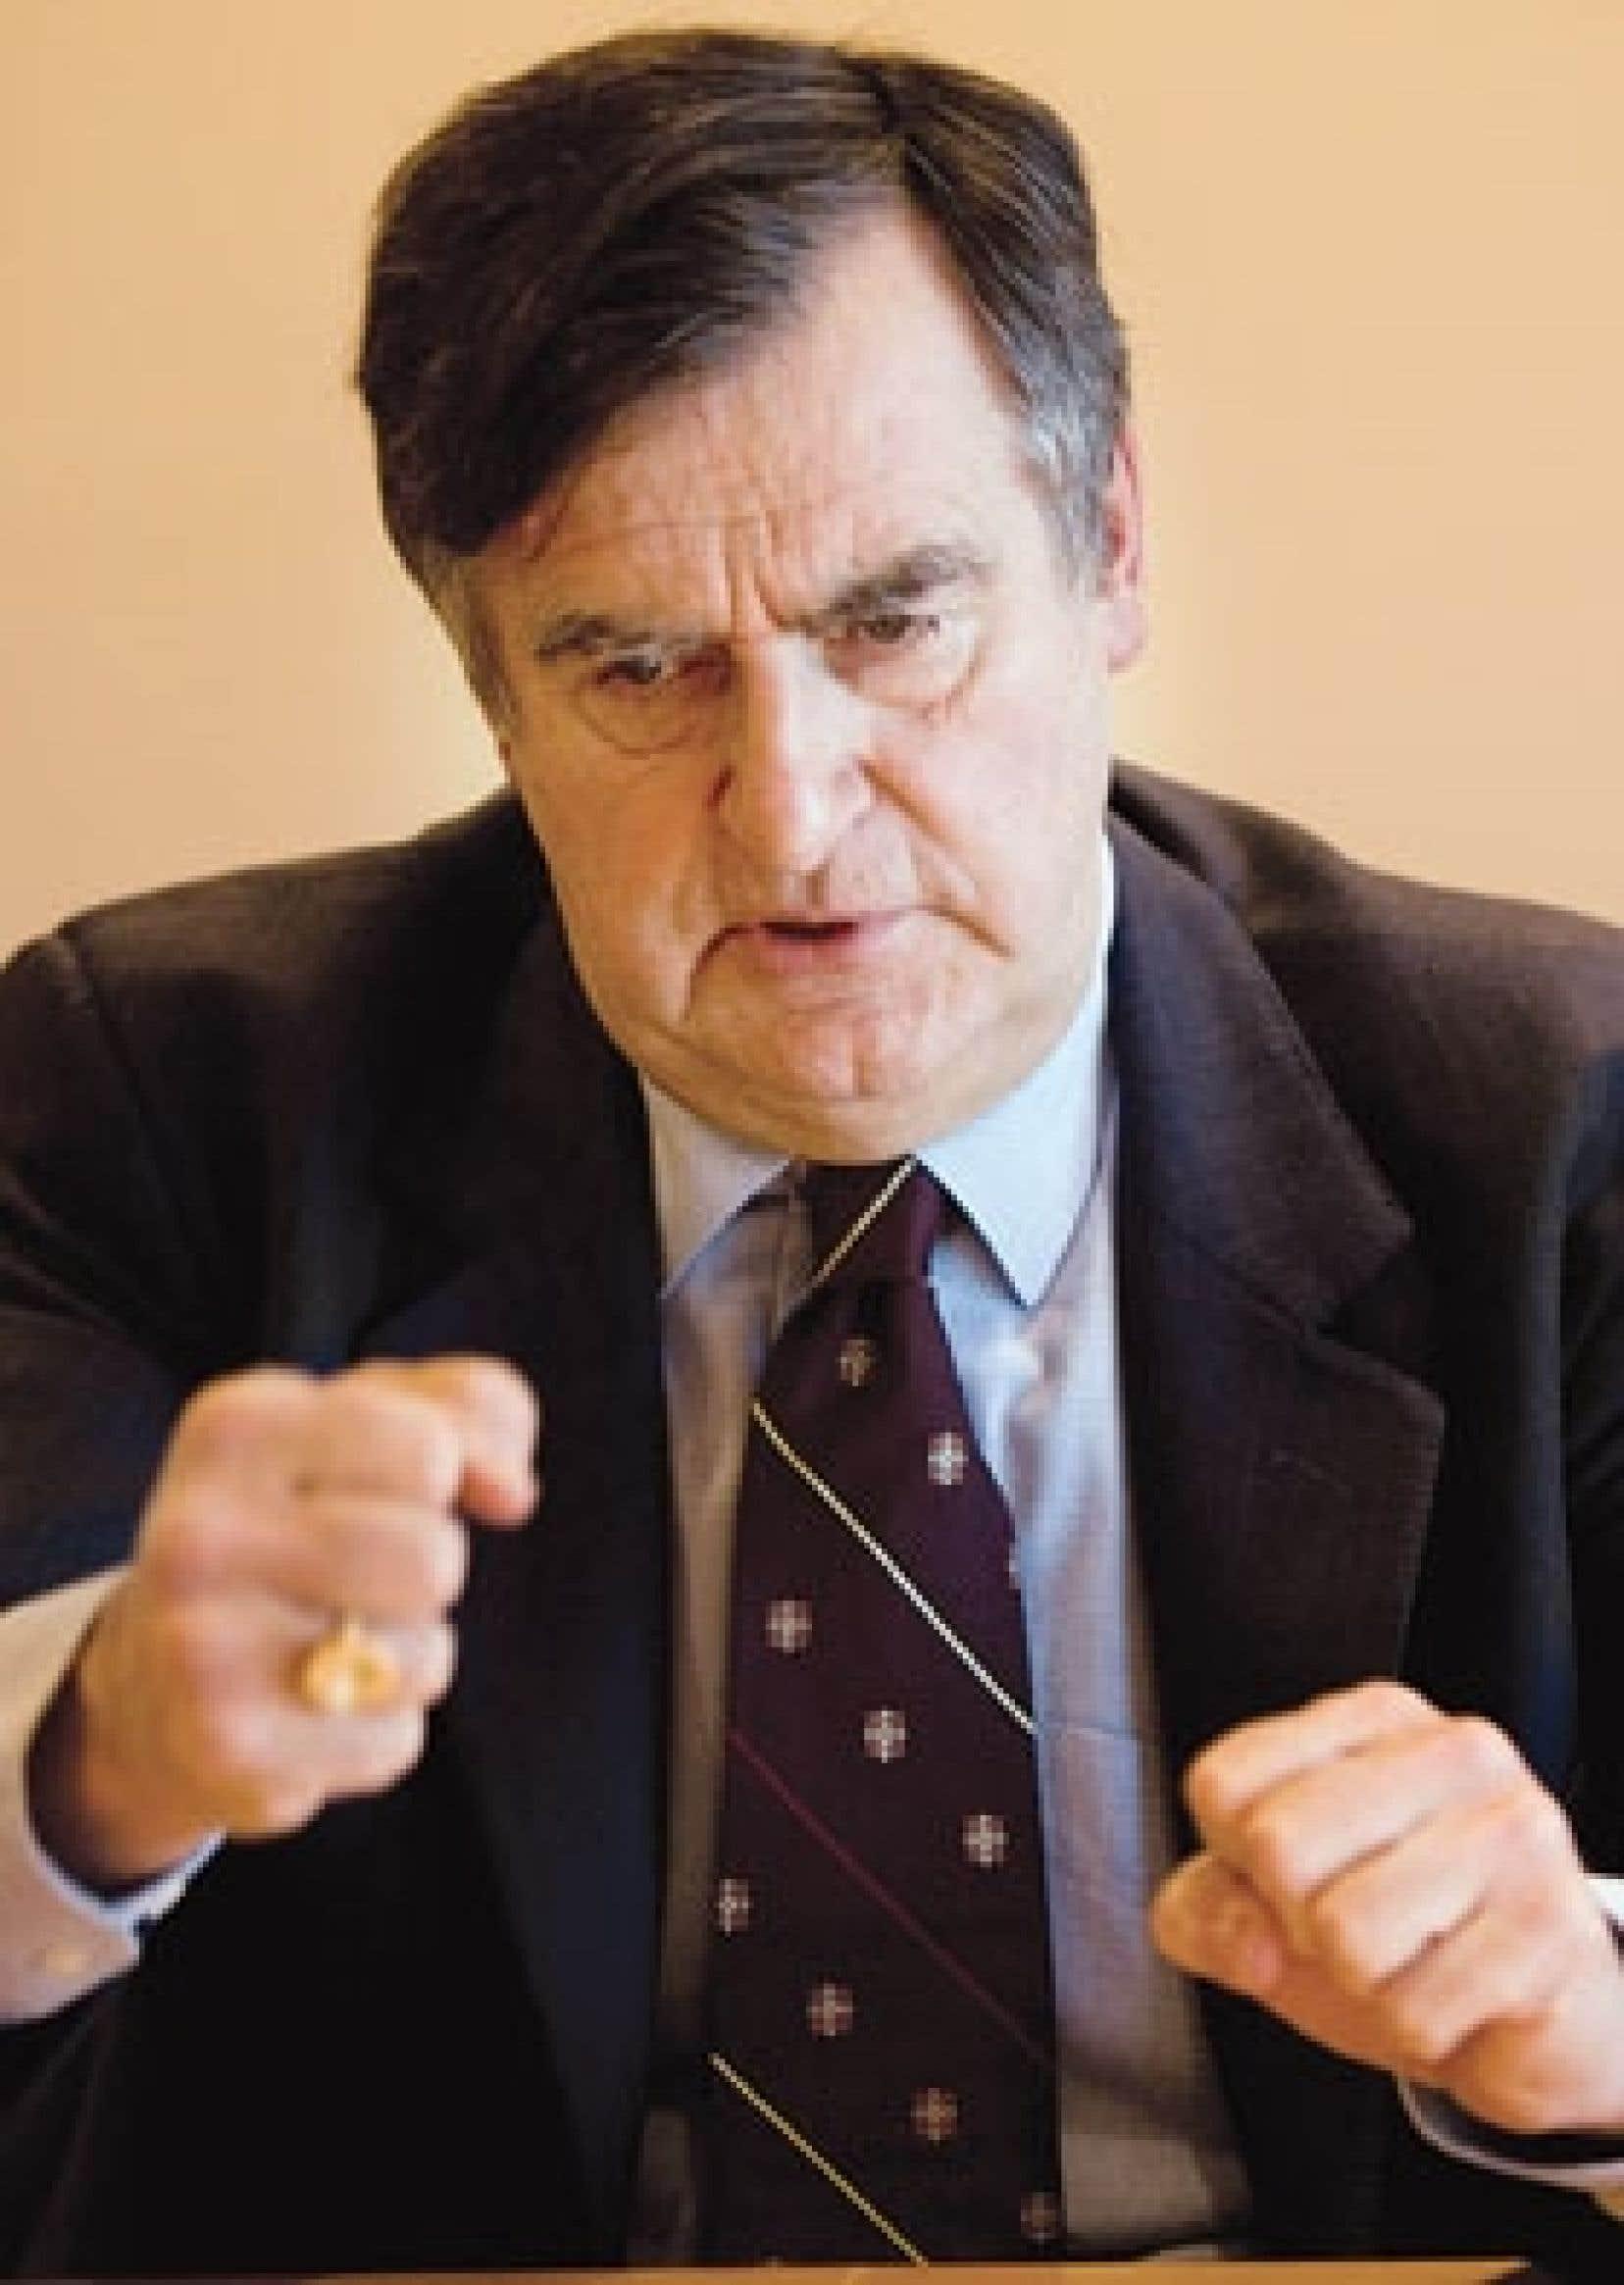 Lucien Bouchard paraissait fatigué, très déçu et surtout incapable de laisser entrevoir une lueur d'espoir quant à la possibilité d'une reprise des négociations, ce qui ne l'empêche pas de répondre aux appels téléphoniques du conciliateu